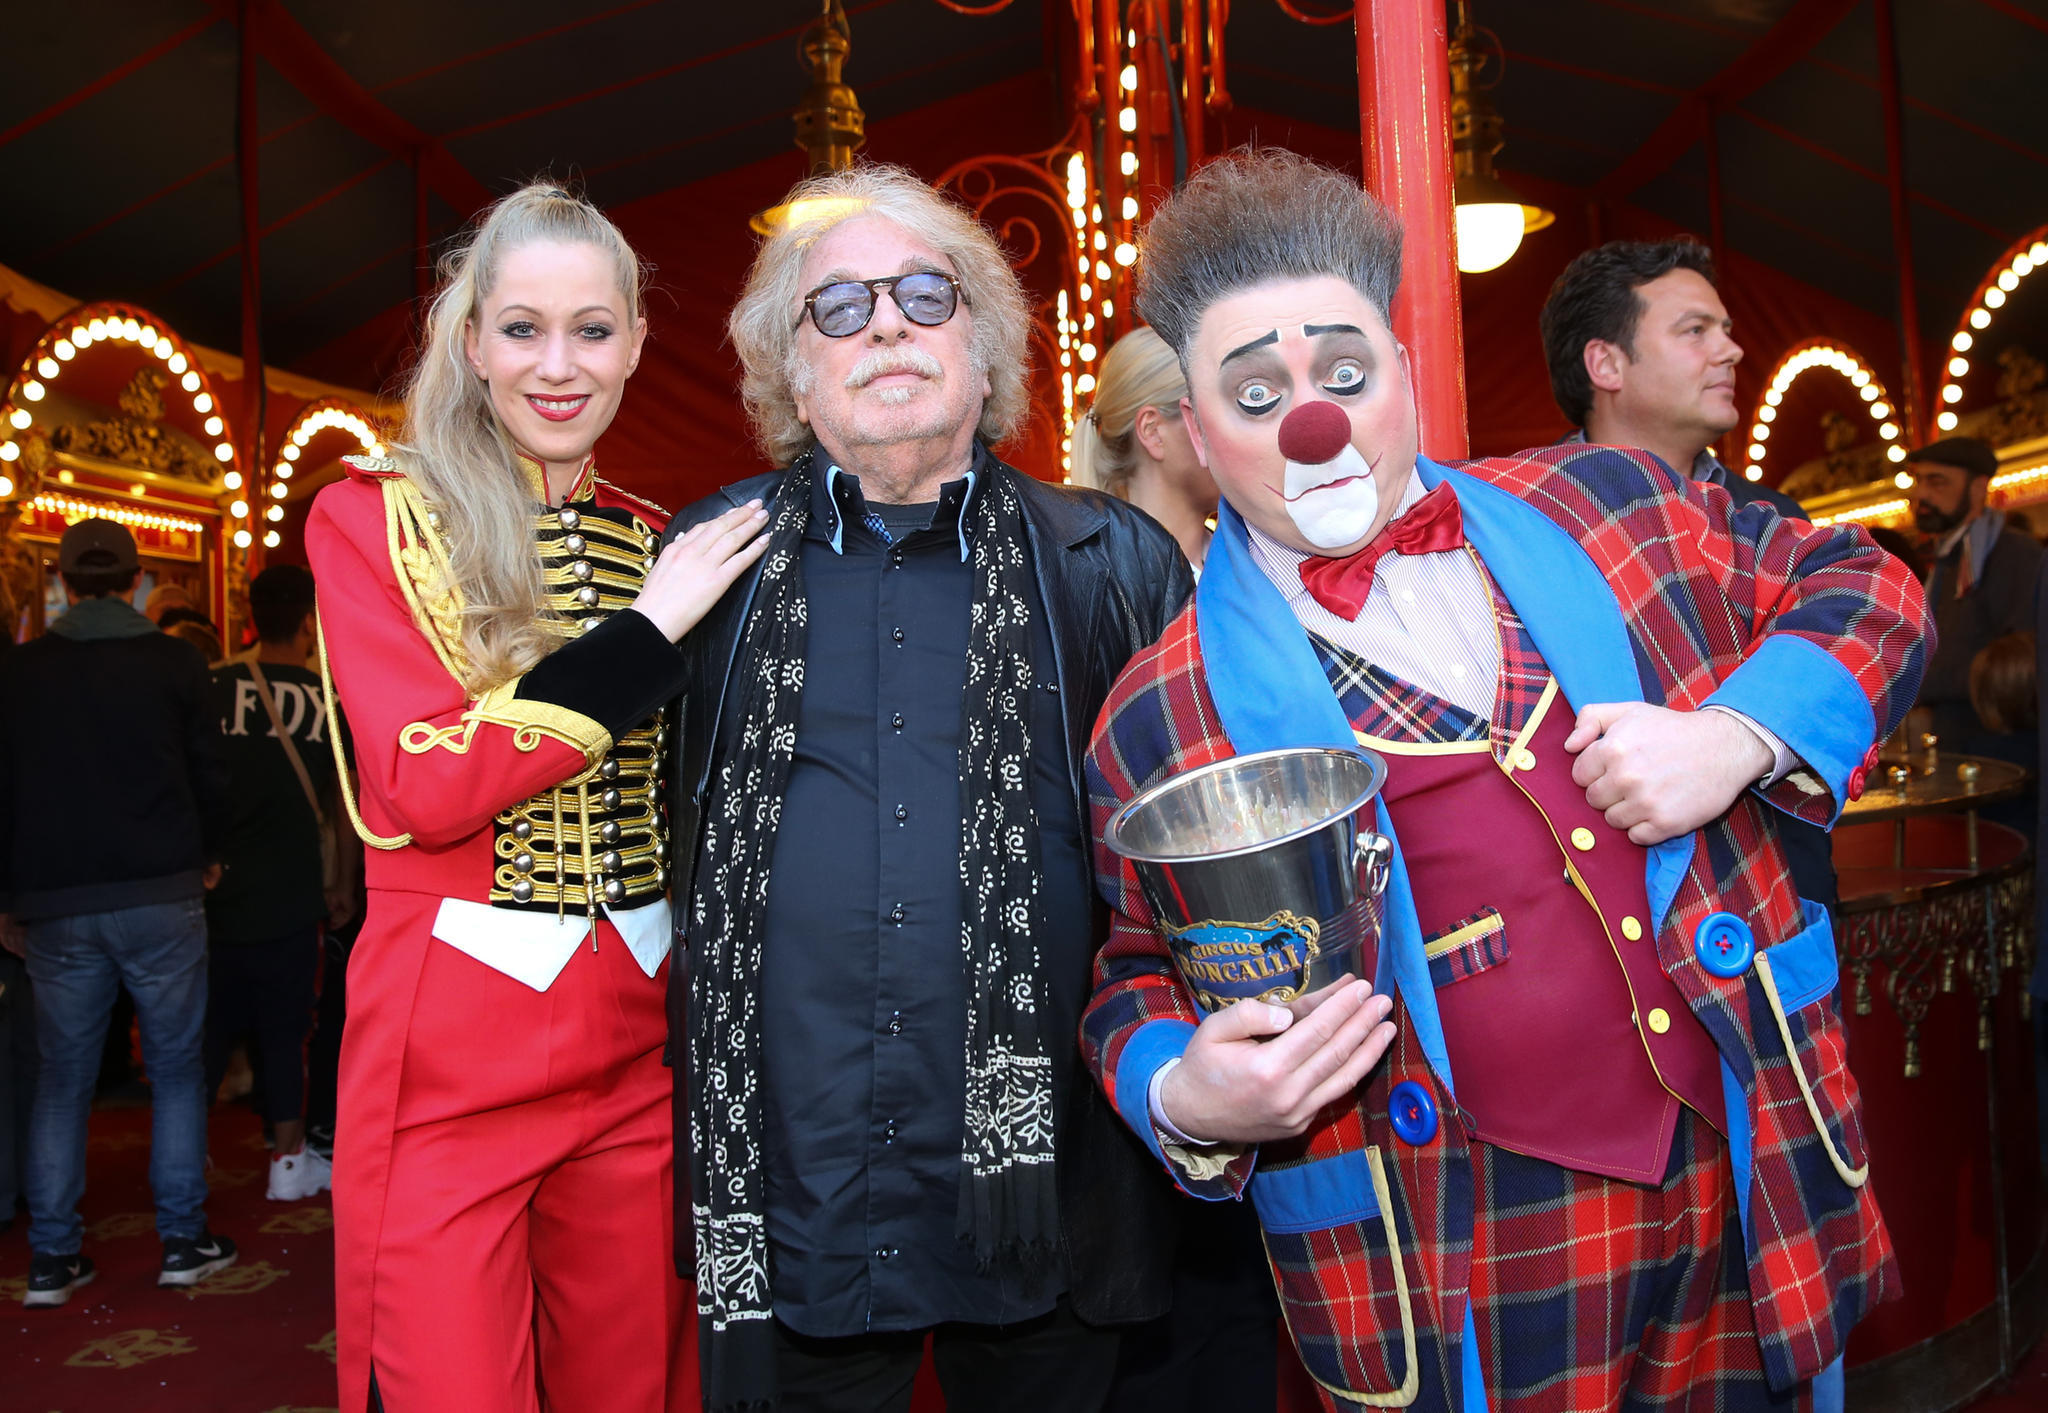 Zirkus-Roncalli-Chef Bernhard Paul (mitte) ist glücklich über sein Programm